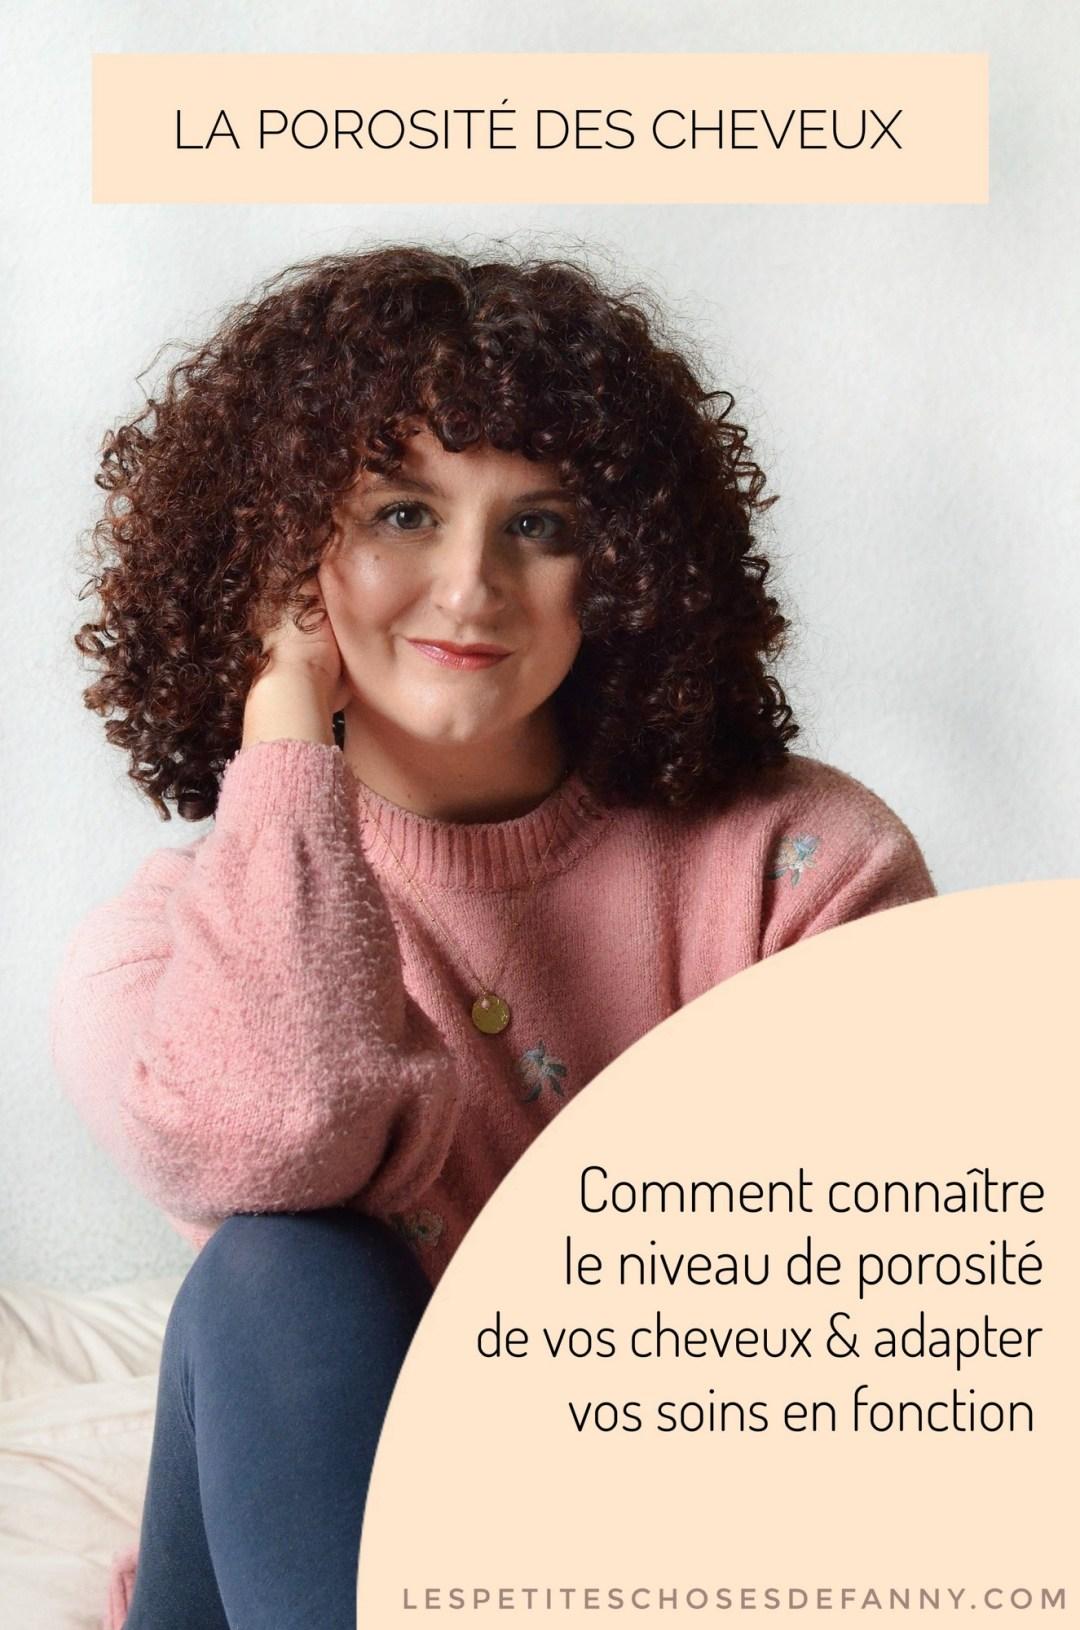 porosité des cheveux : comment connaître le niveau de porosité de vos cheveux et adapter vos soins en fonction